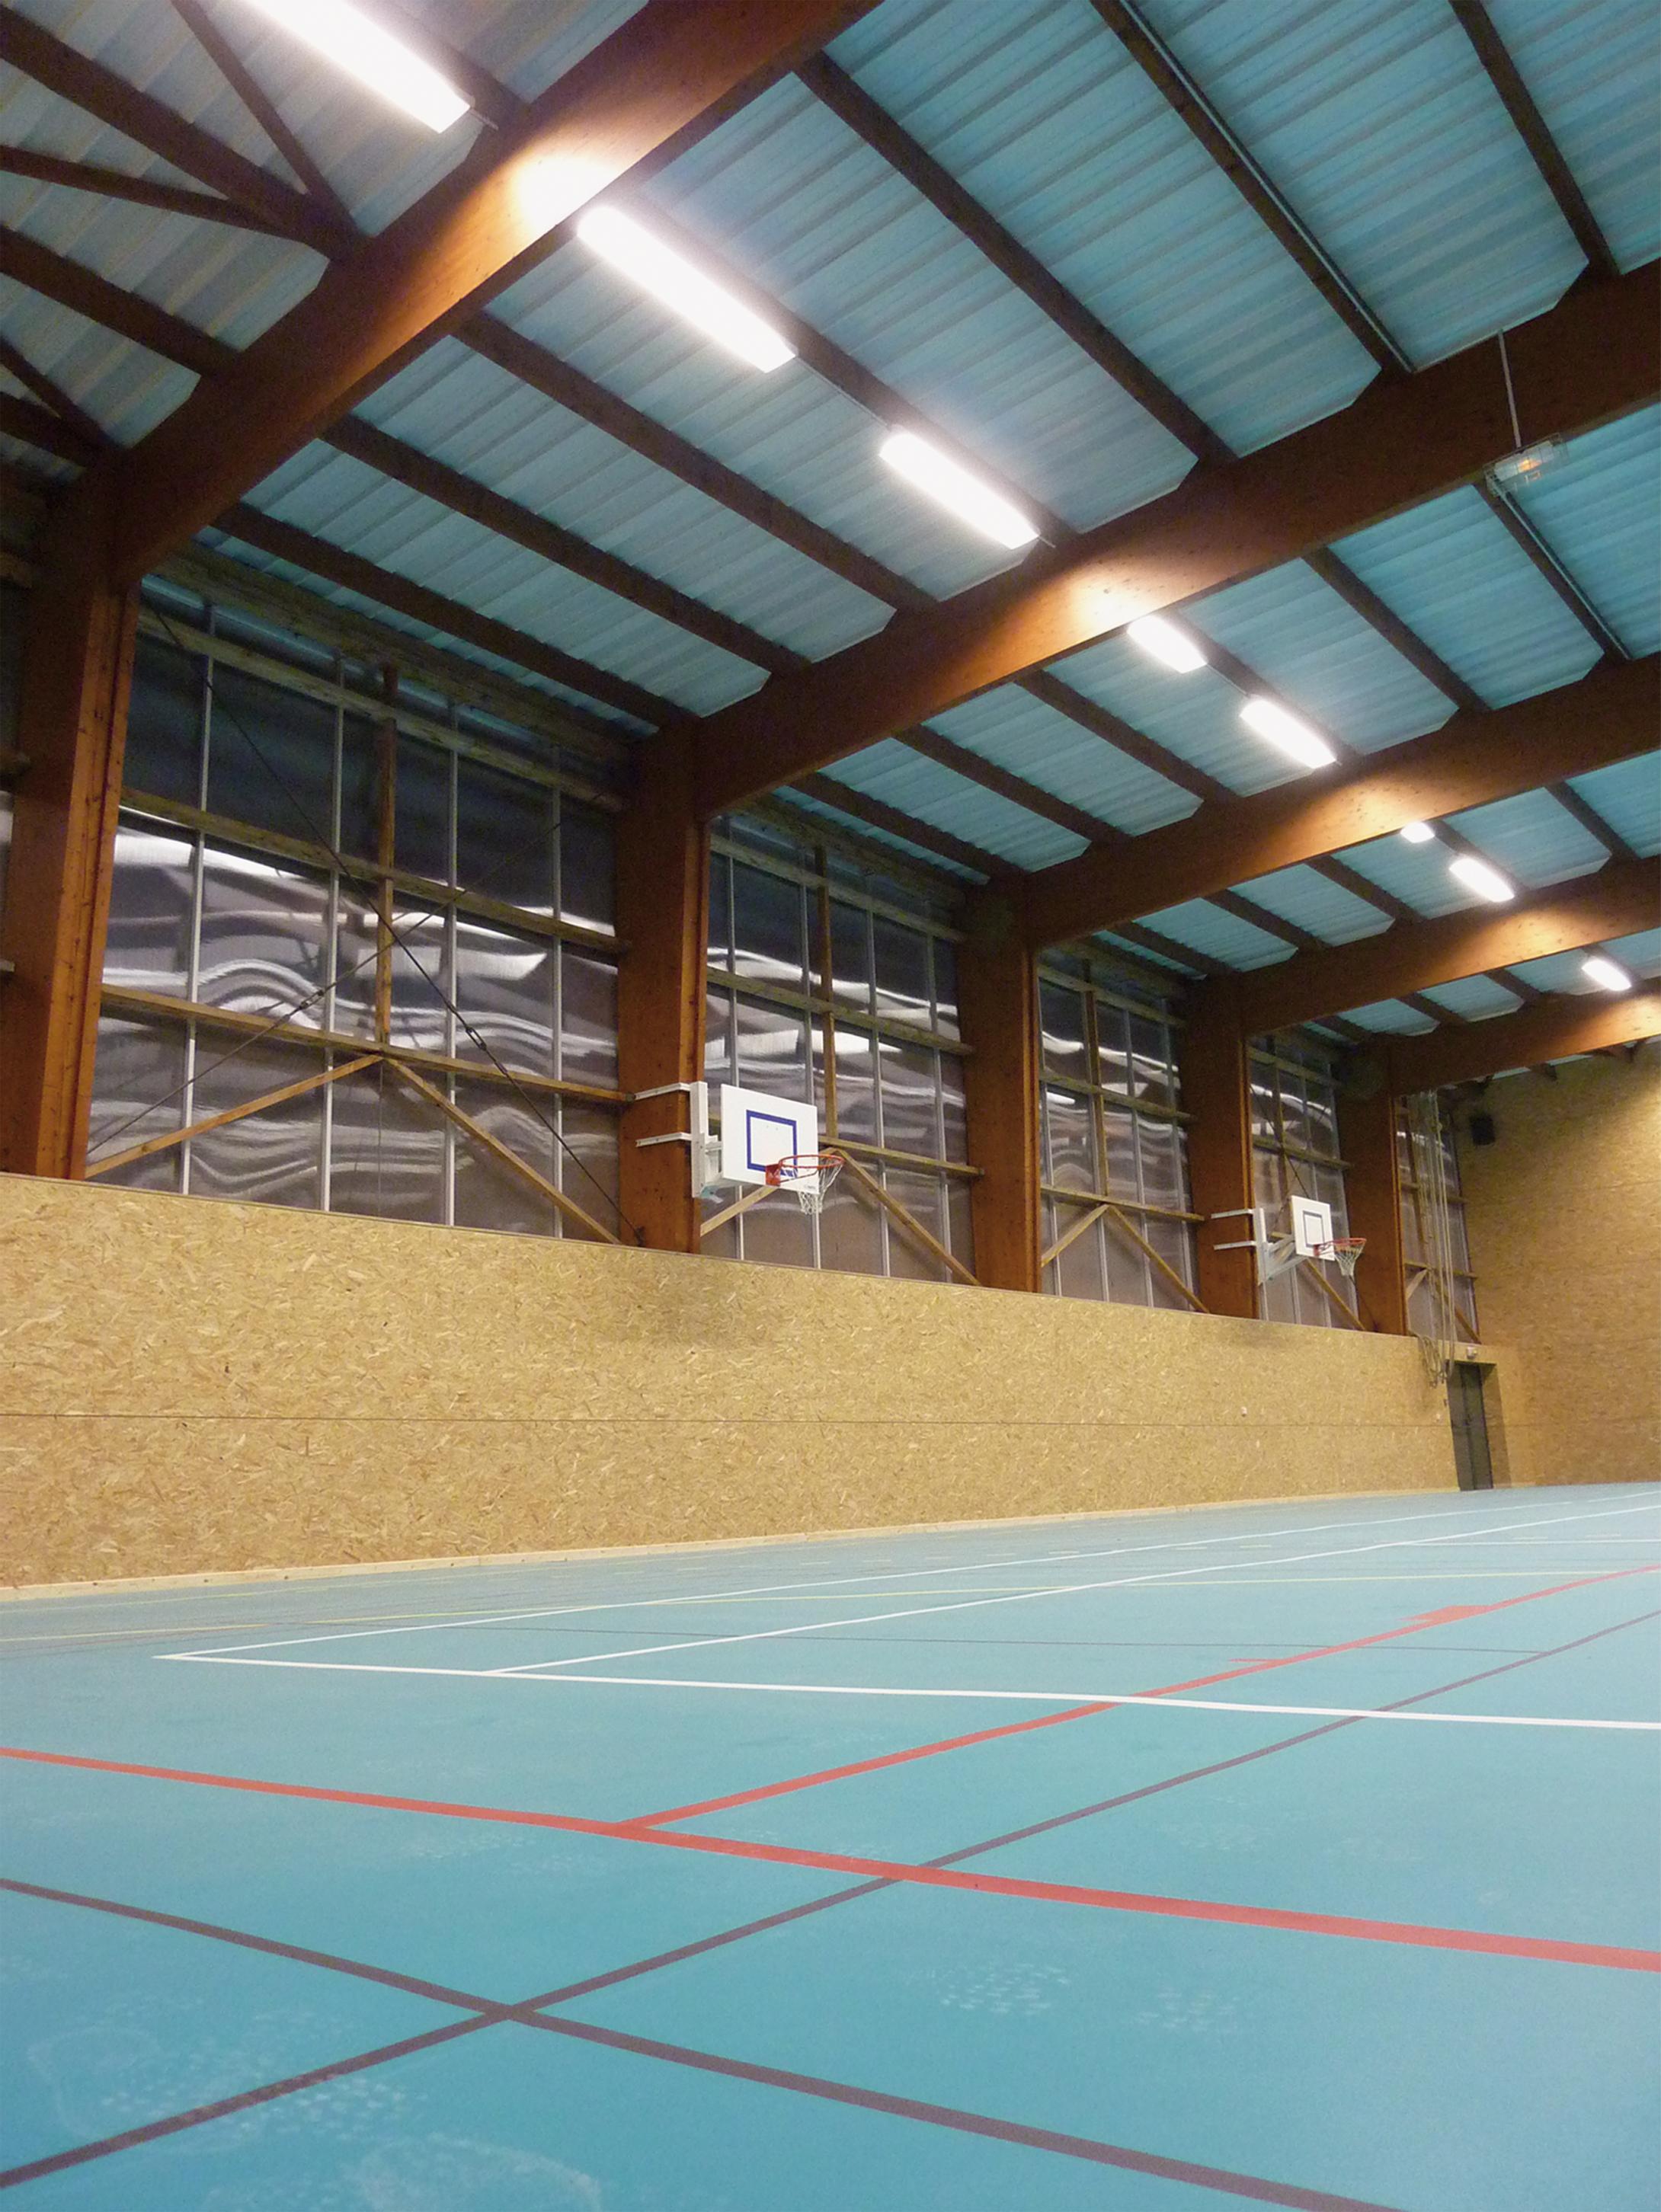 Gymnase de St Germain du Plain (71)